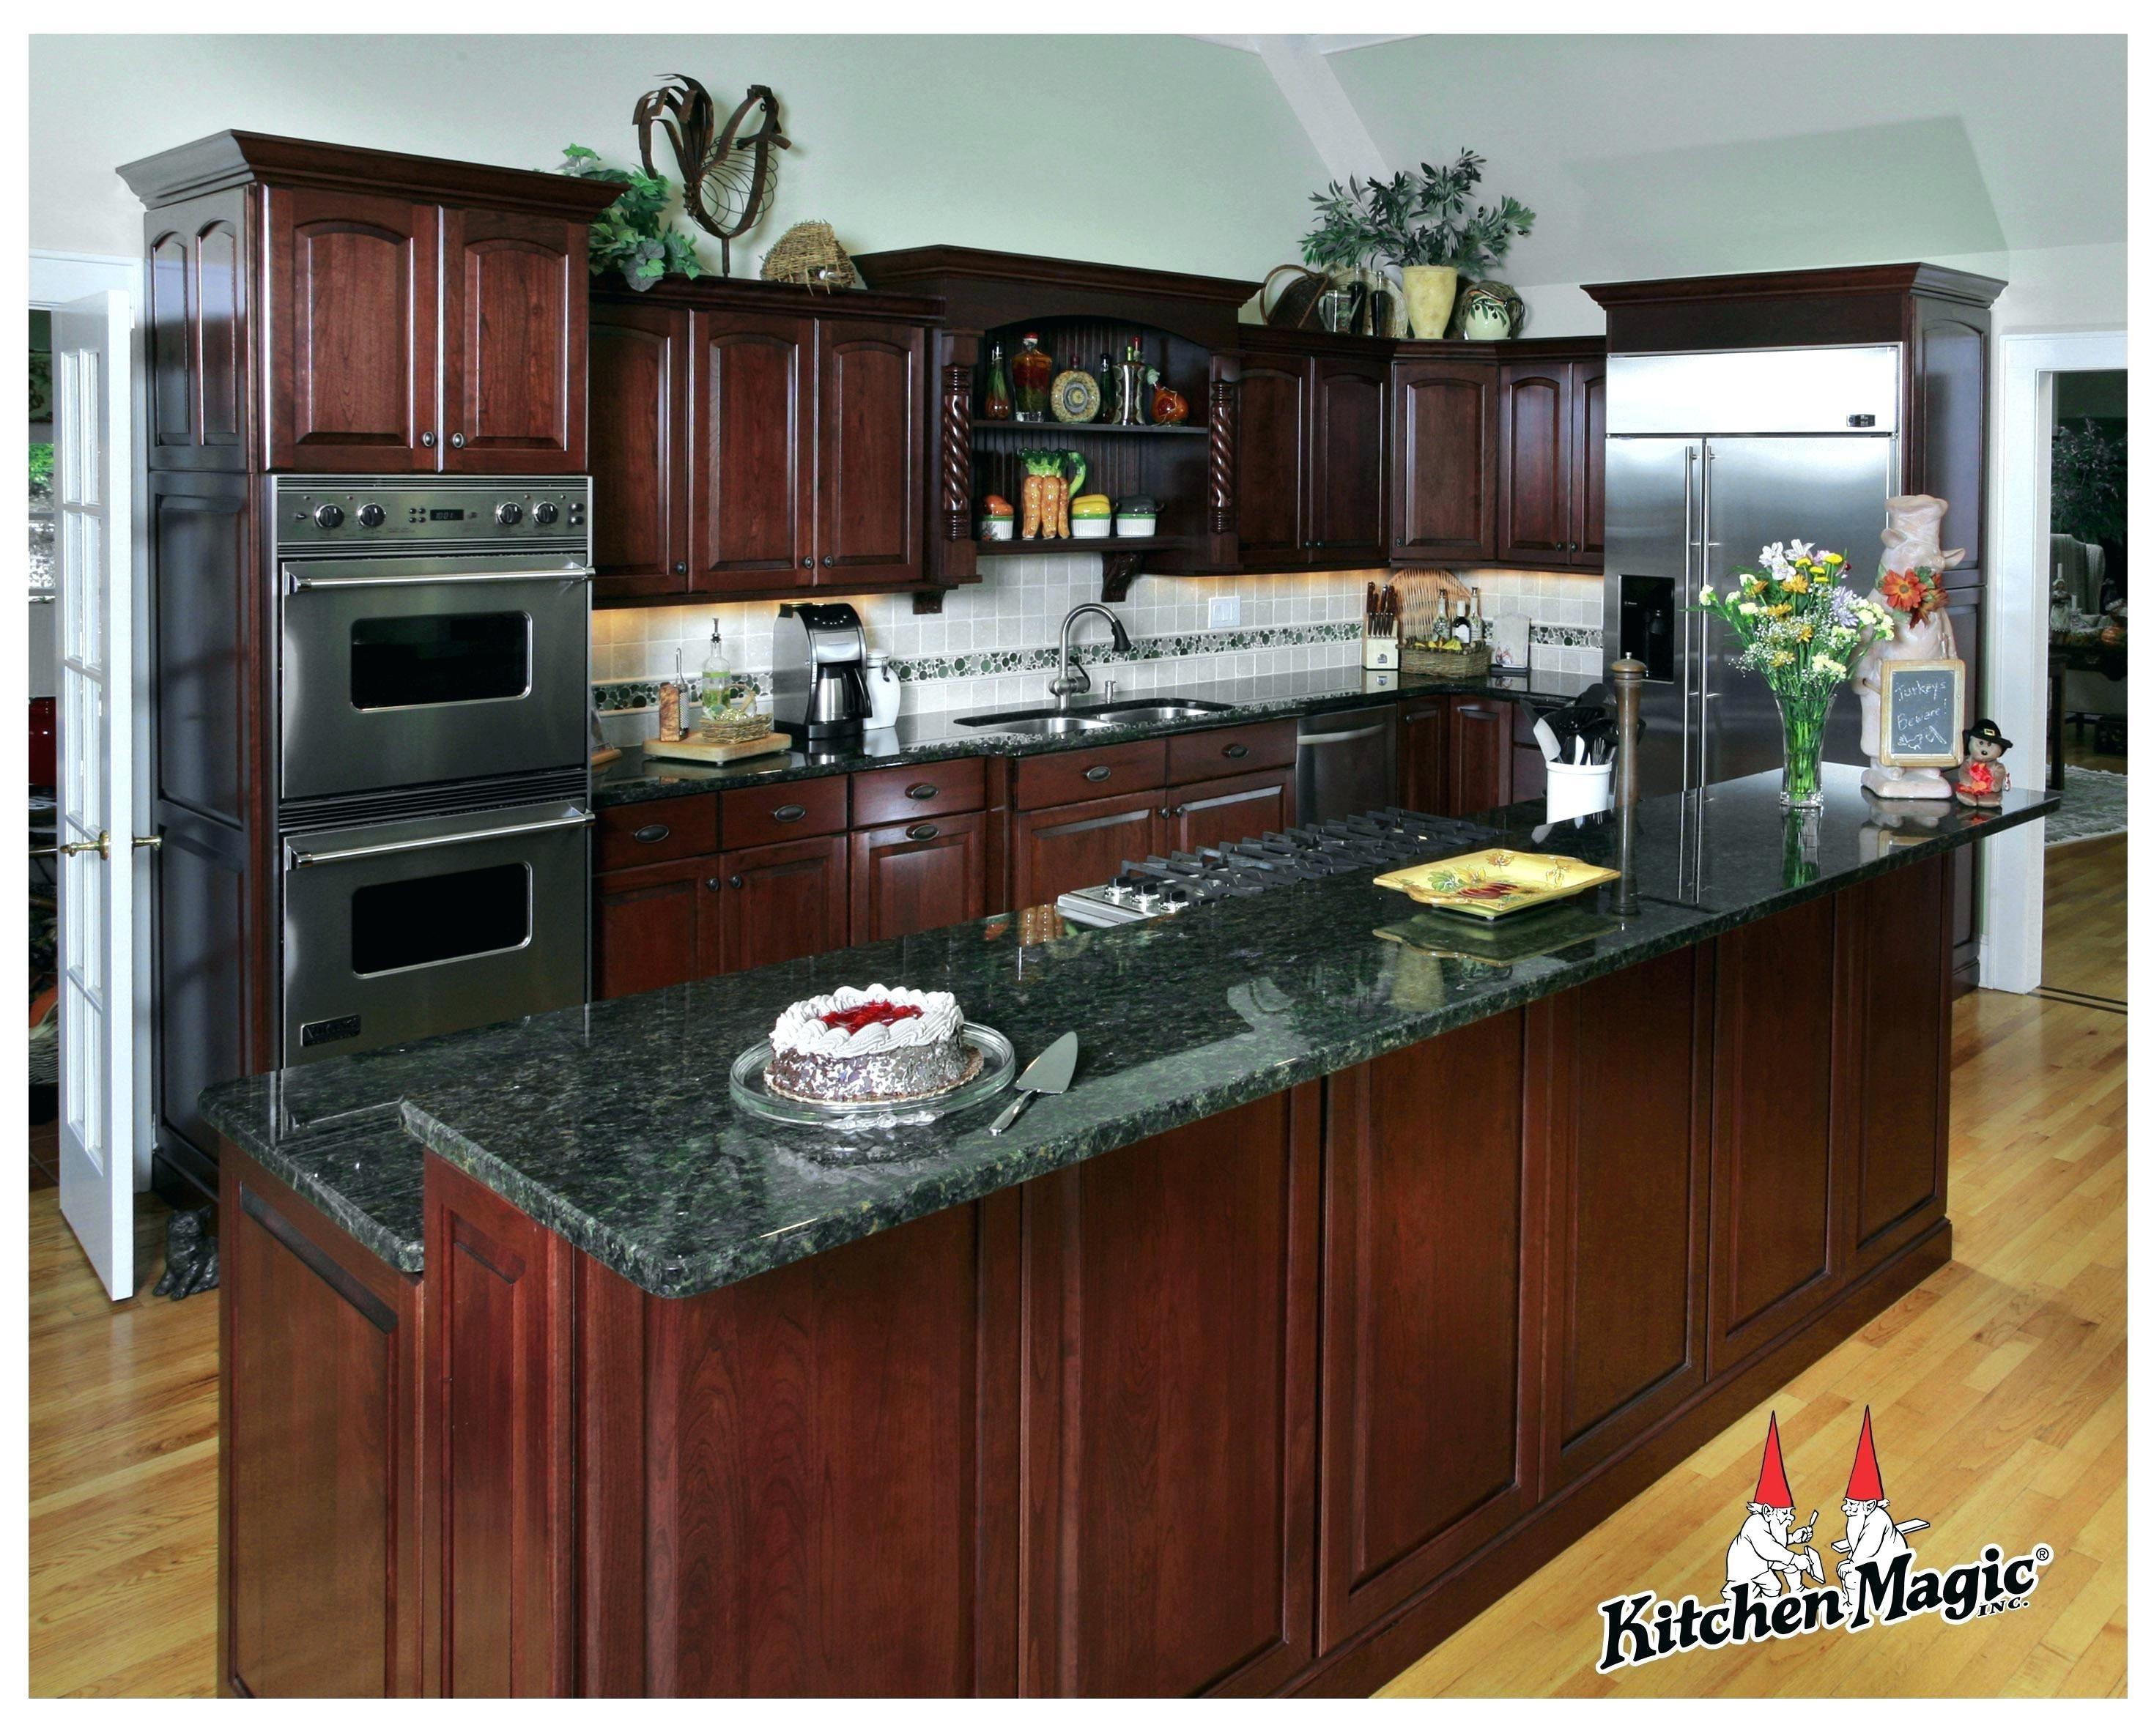 Top 83 Plan Kirsche Holz Kuche Kabinett Turen Ideenreichtum Cherry Cabinets Kitchen Green Granite Countertops Wood Kitchen Cabinets